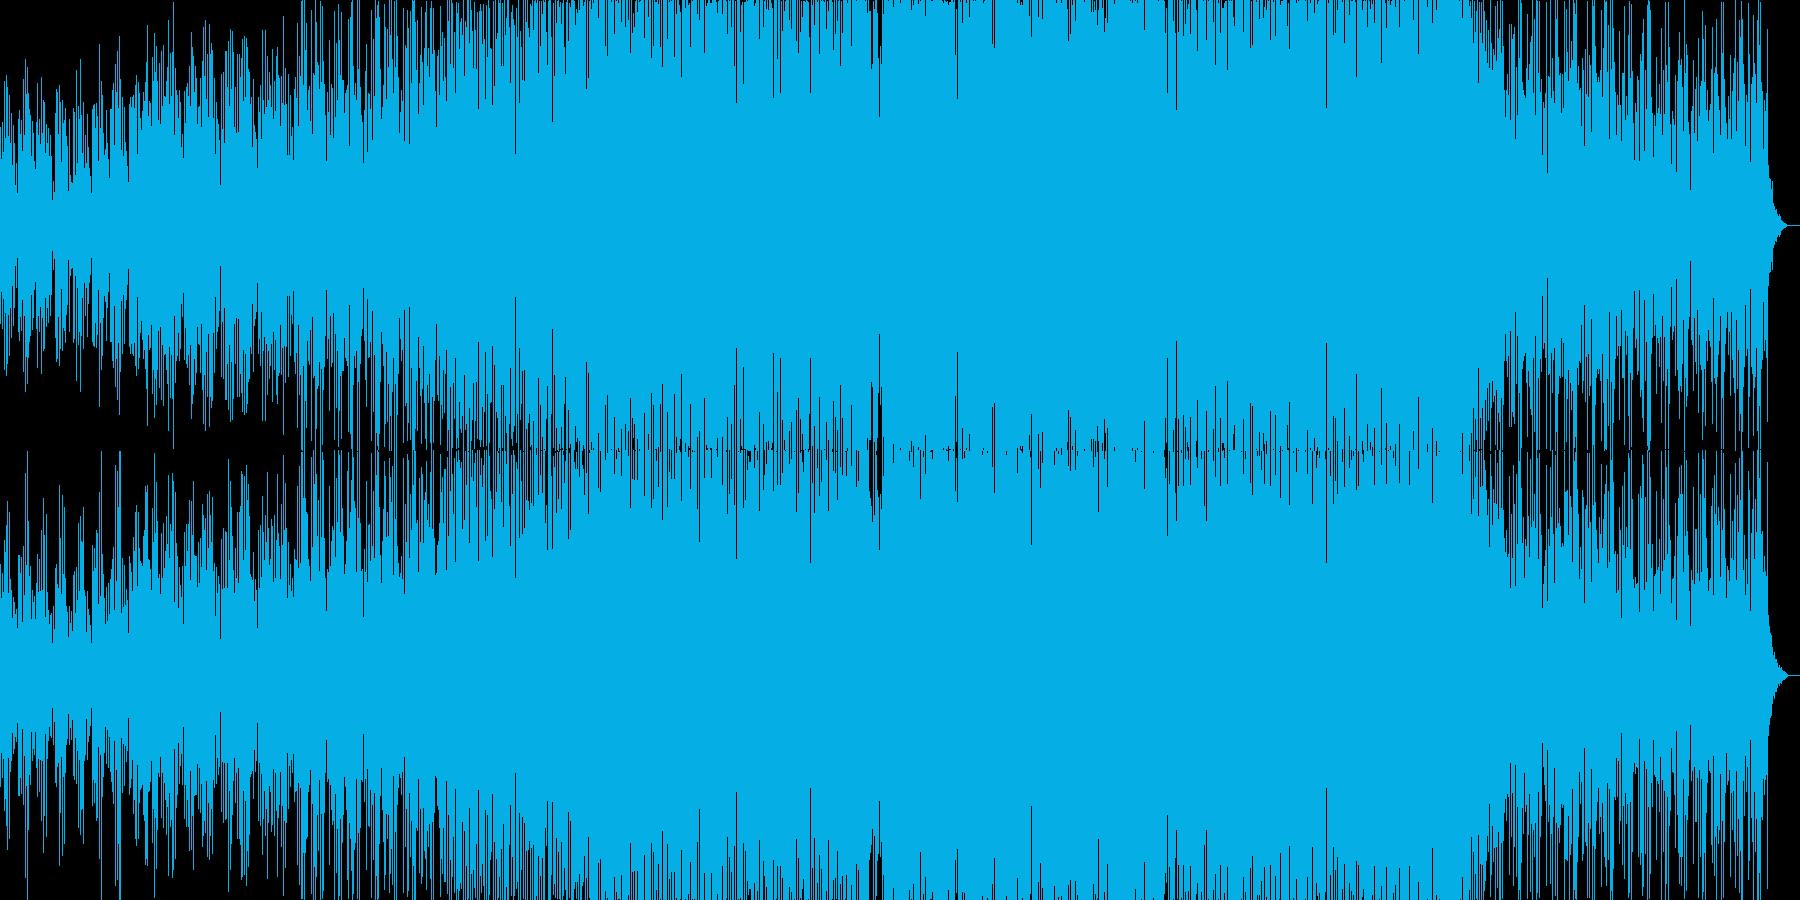 エモーショナルで近未来的なドラムンベースの再生済みの波形